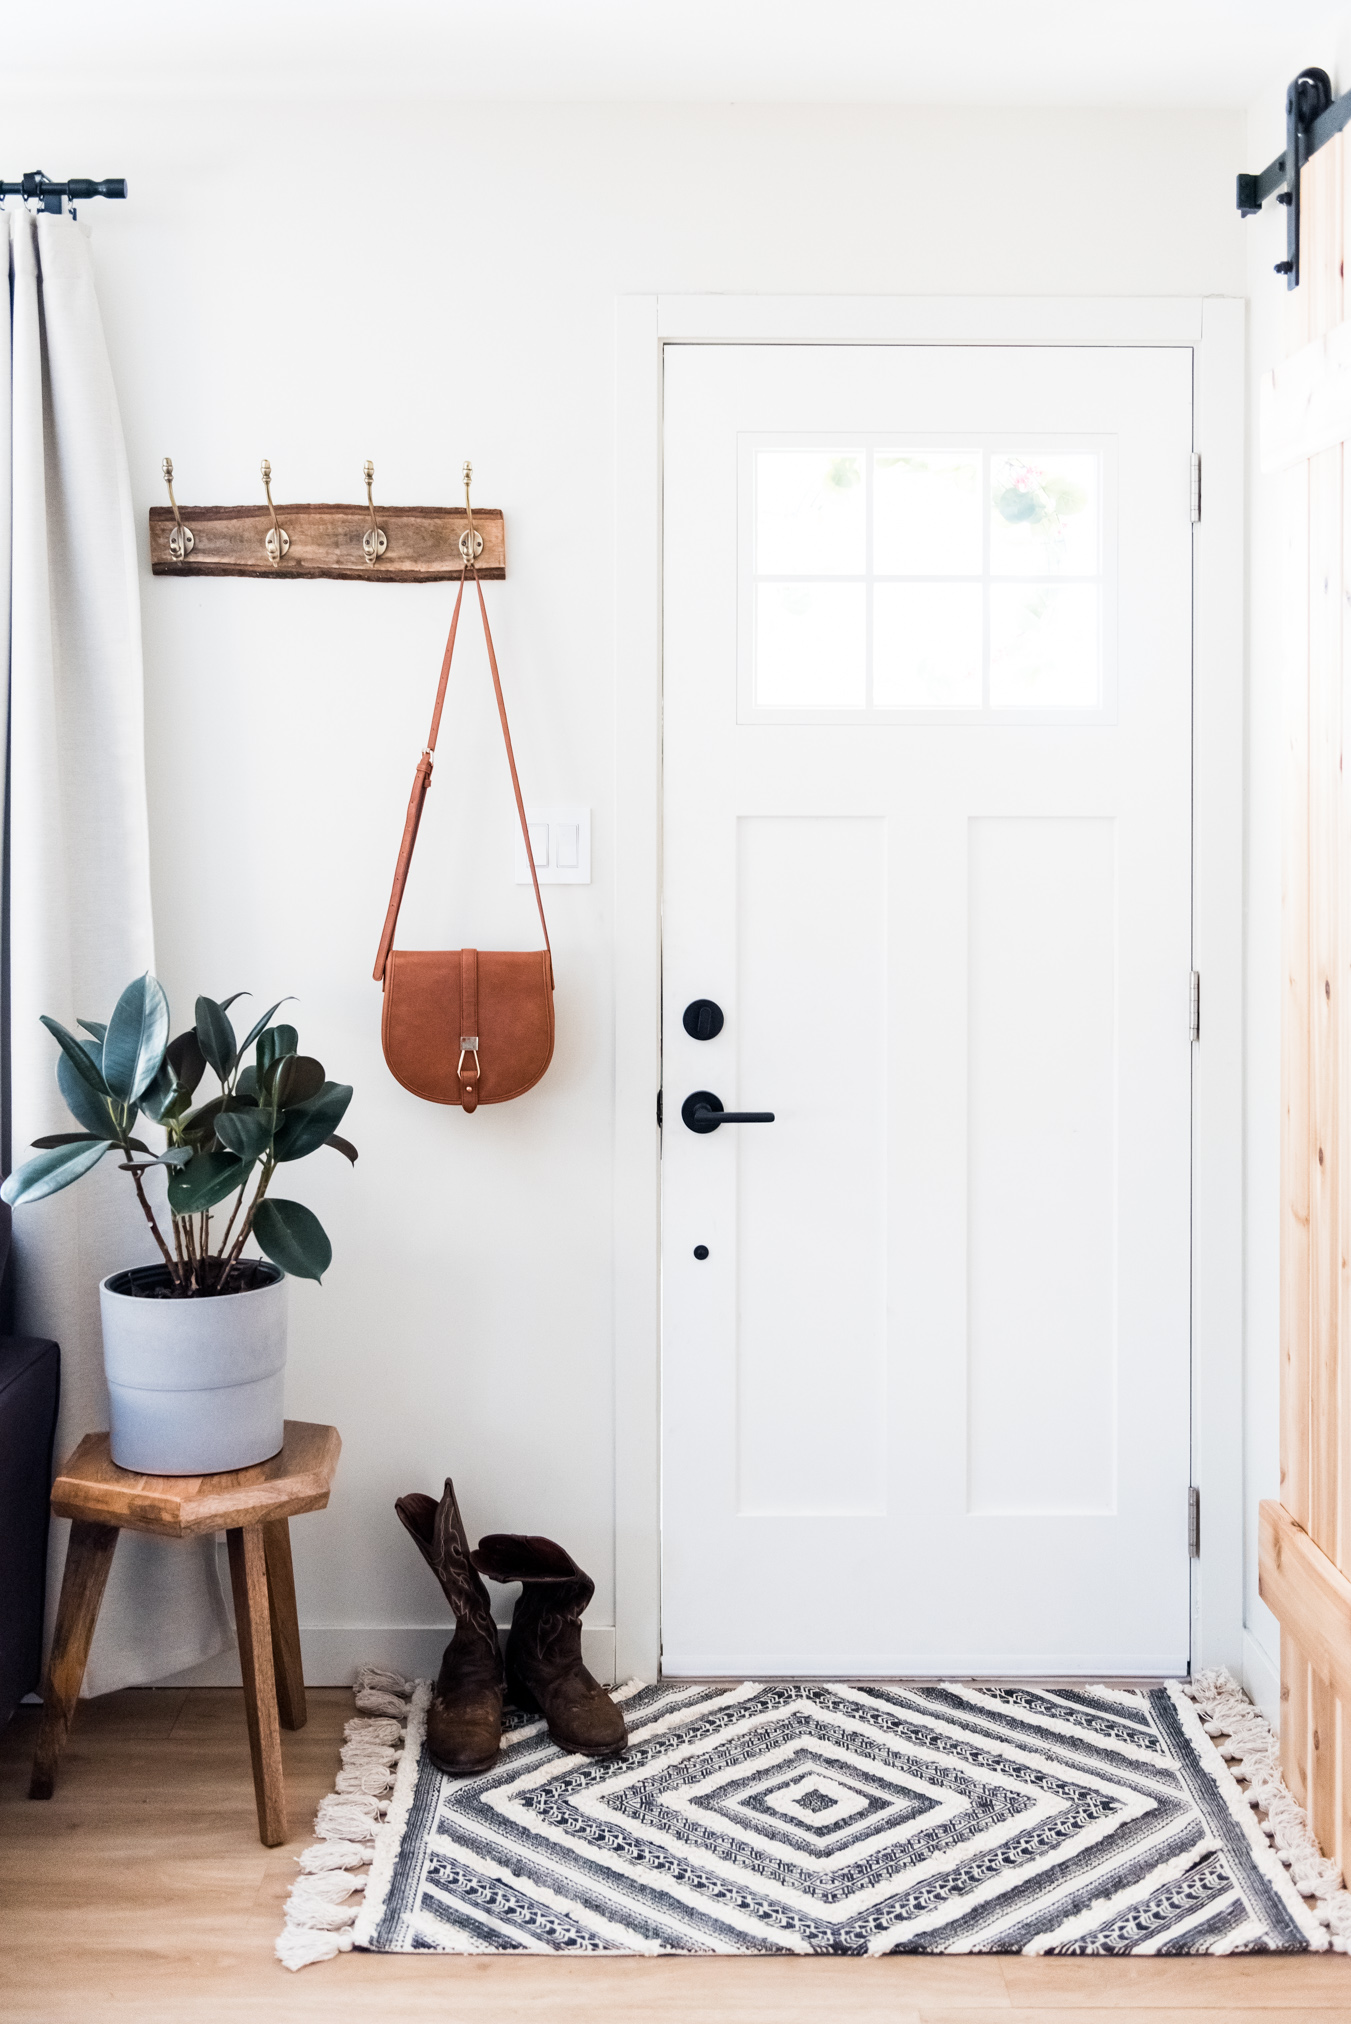 Velvet Sweatpants Interior Design